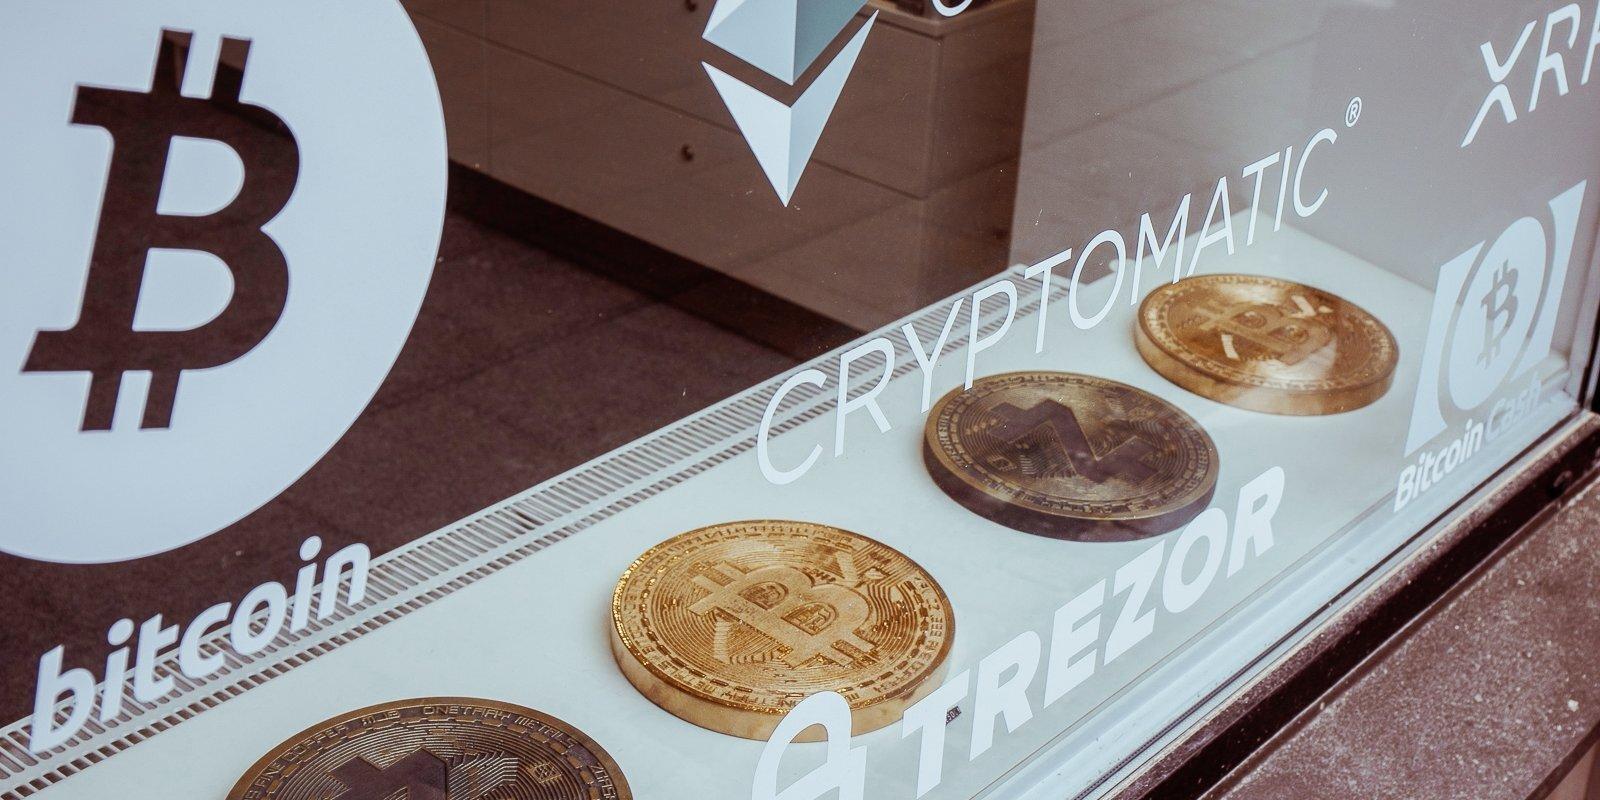 Pieredze ar 'Bitcoin' – peļņa, zaudējumi un krāpnieku ķetnas